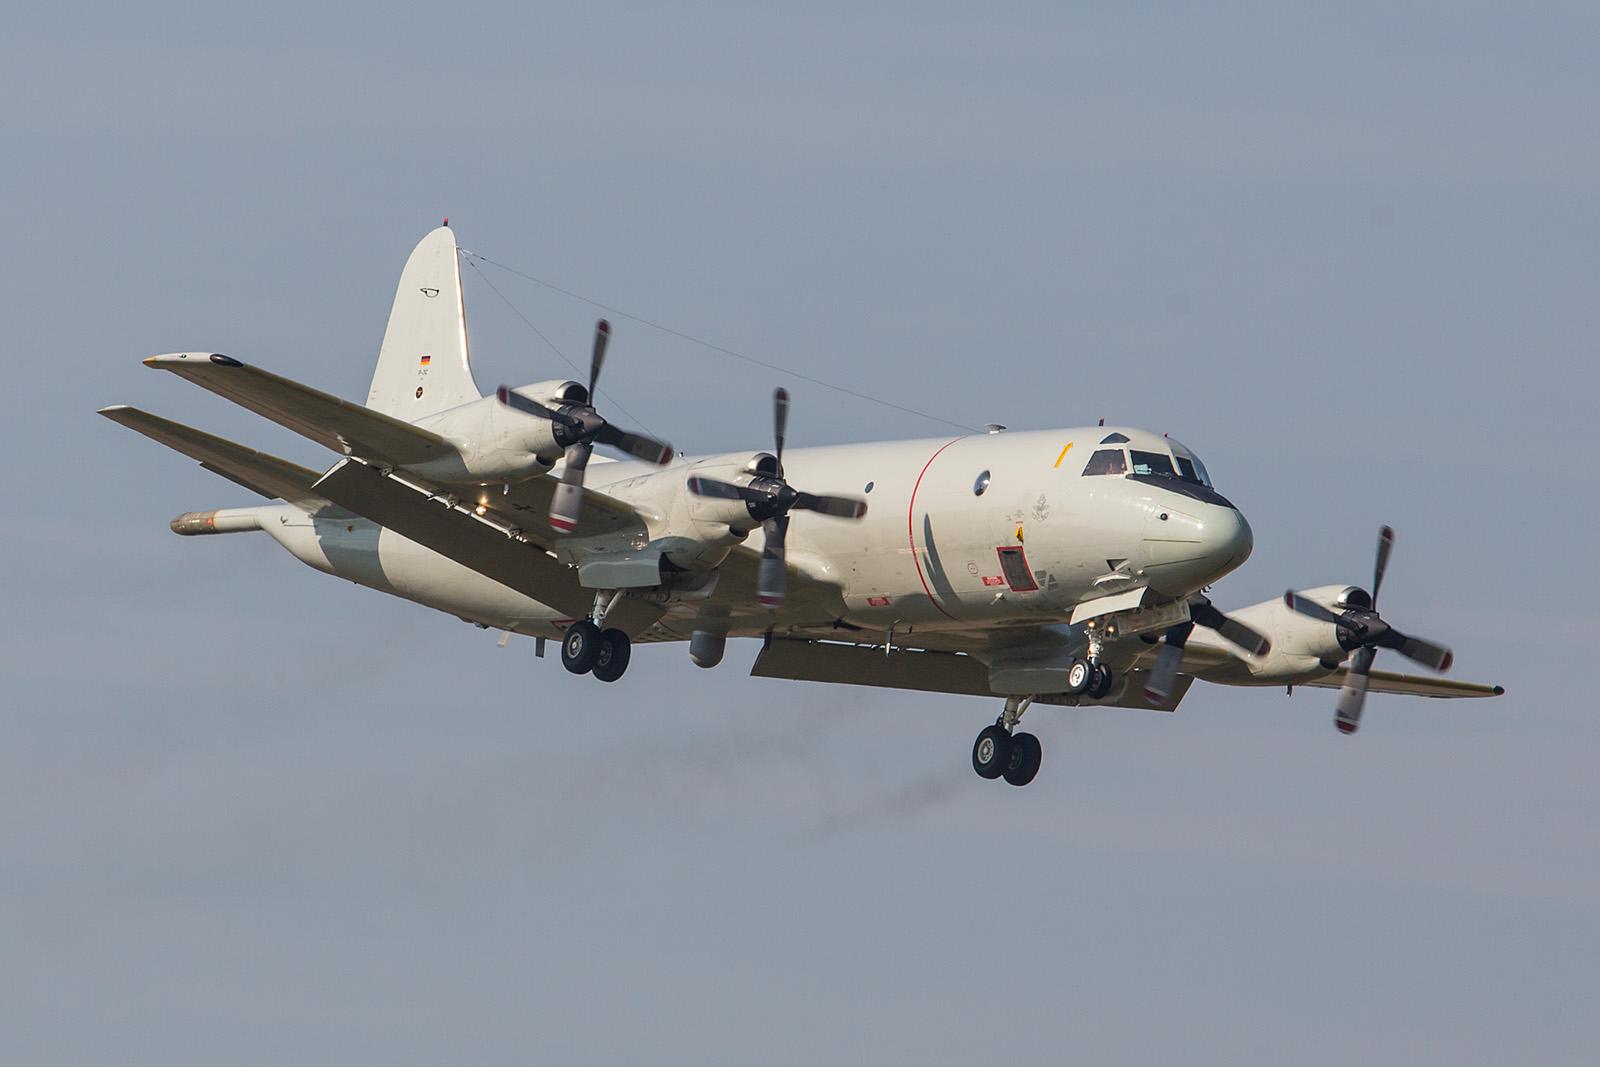 Nach dem Überflug kommt die Orion zur Landung.